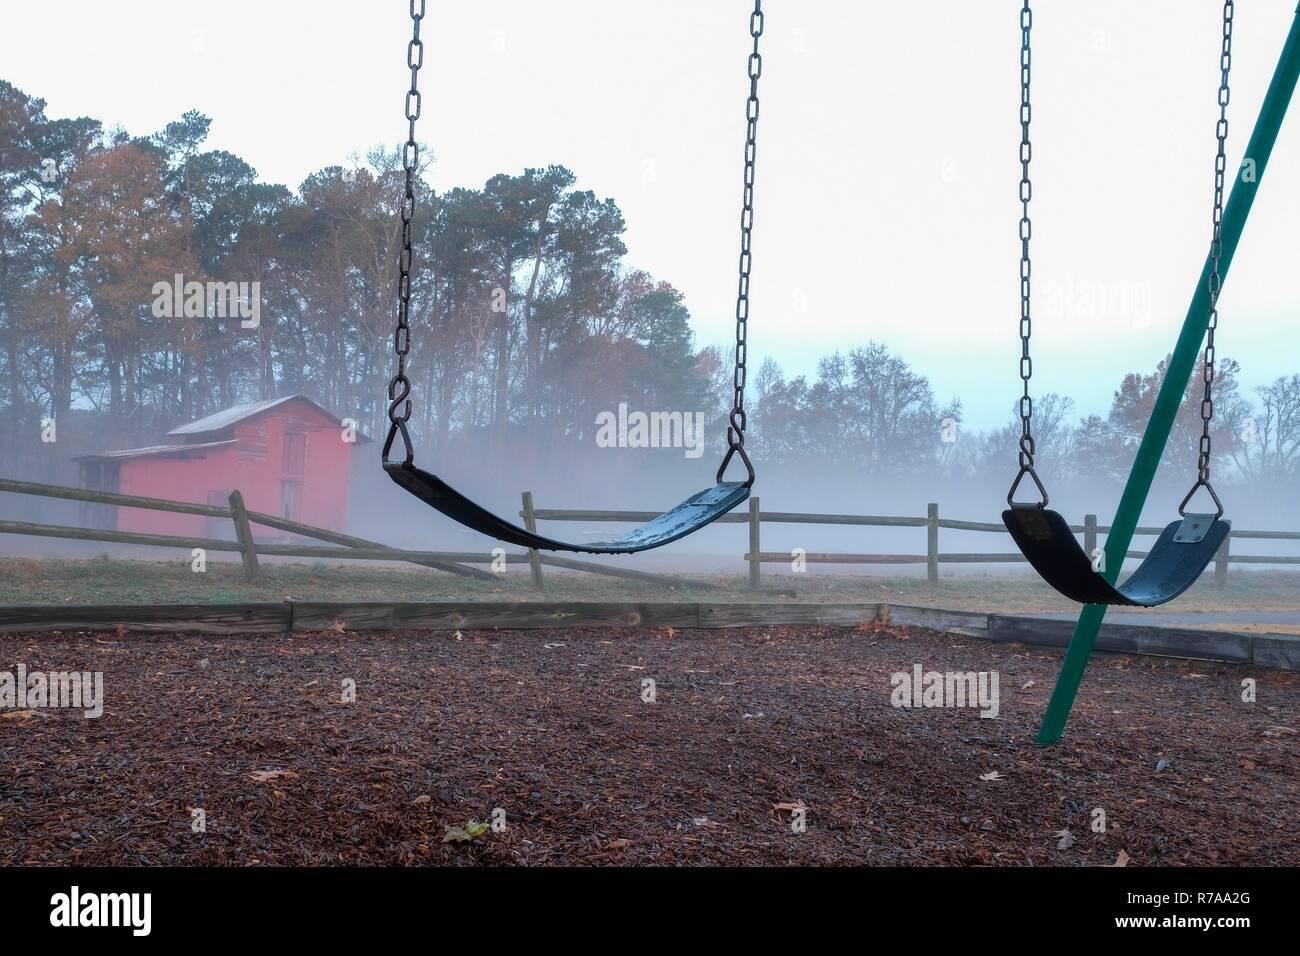 Una solitaria y melancólica escena de un par de columpios vacíos con un viejo granero rojo y roto una valla de madera en una fresca mañana de niebla. Lago Park en Benson Gar Imagen De Stock